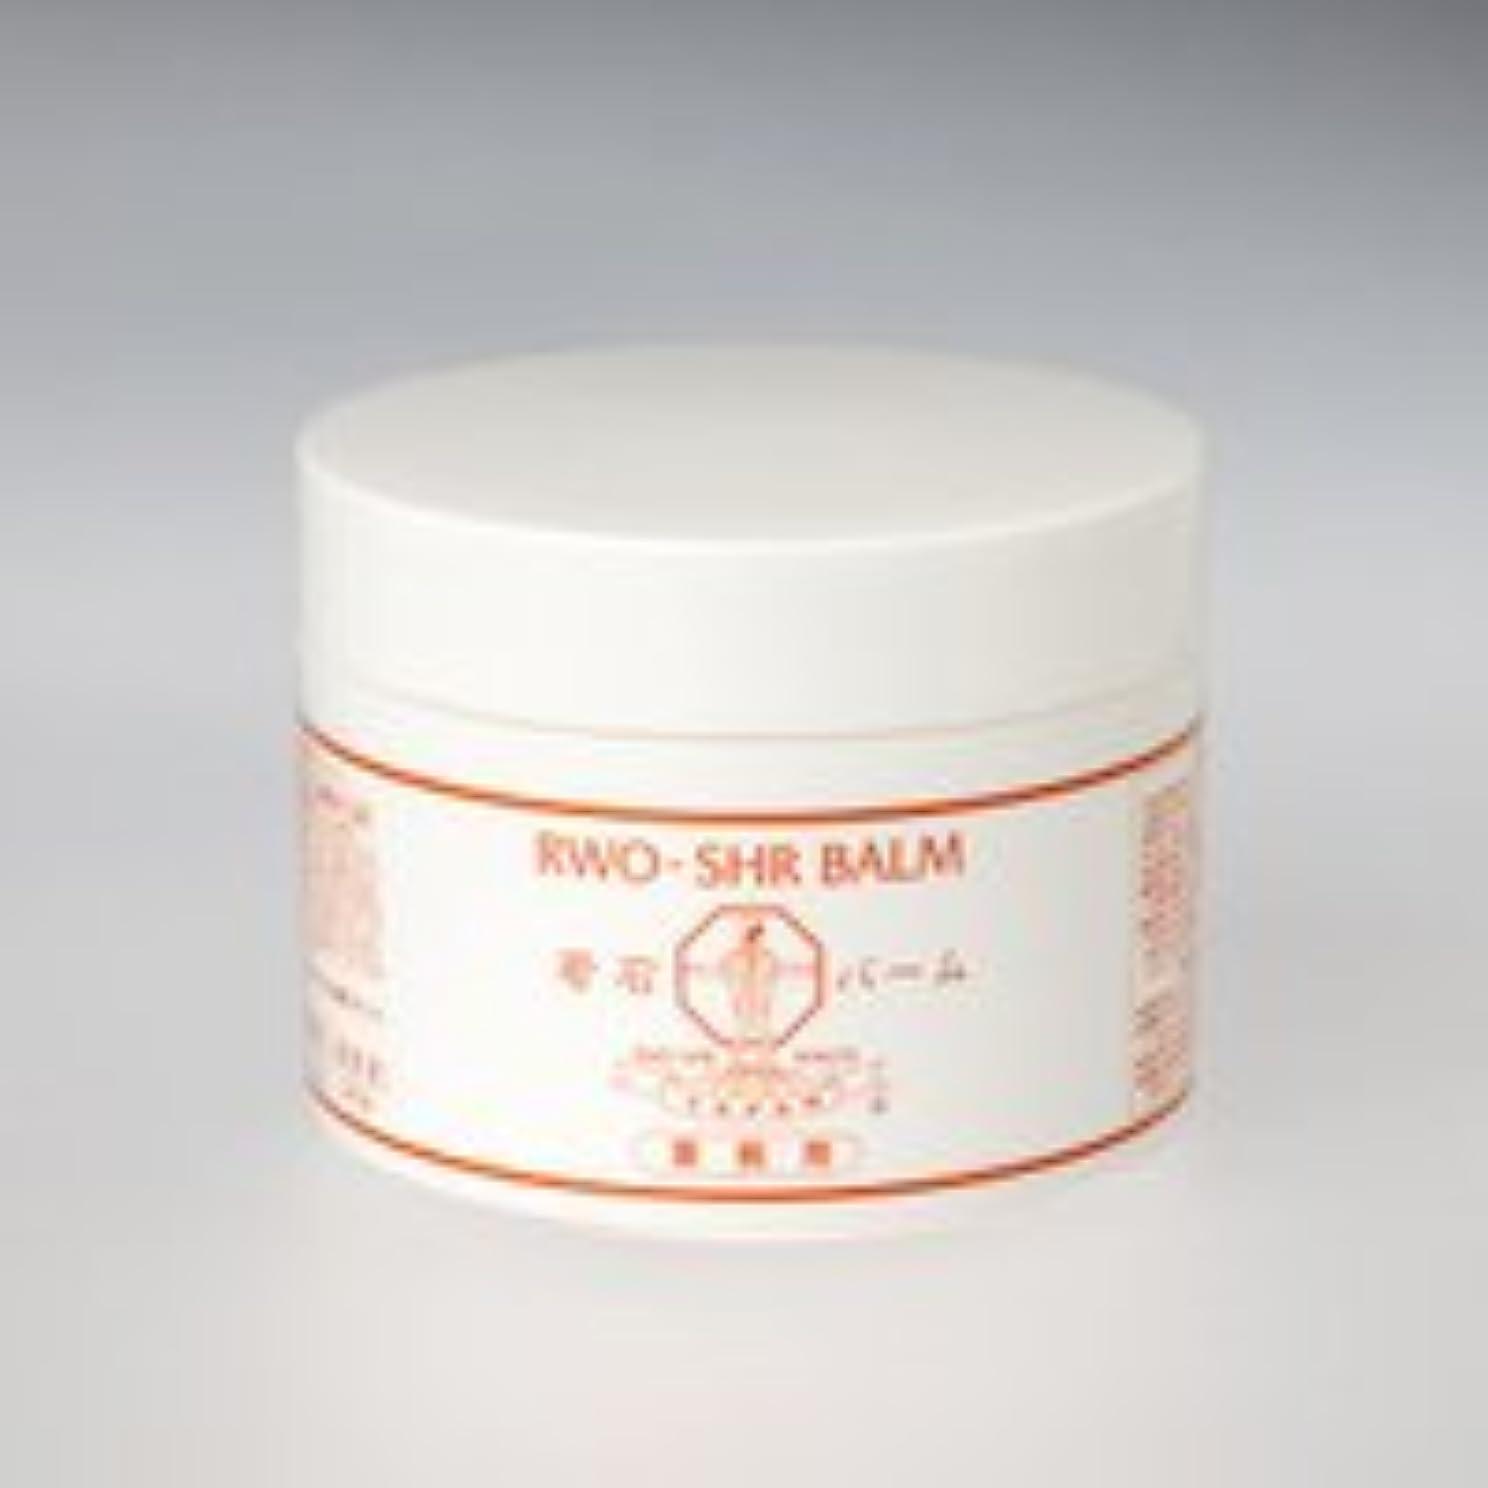 蒸ミニ変形若石バーム(250g) RWO-SHR BALM 国際若石健康研究会正規品